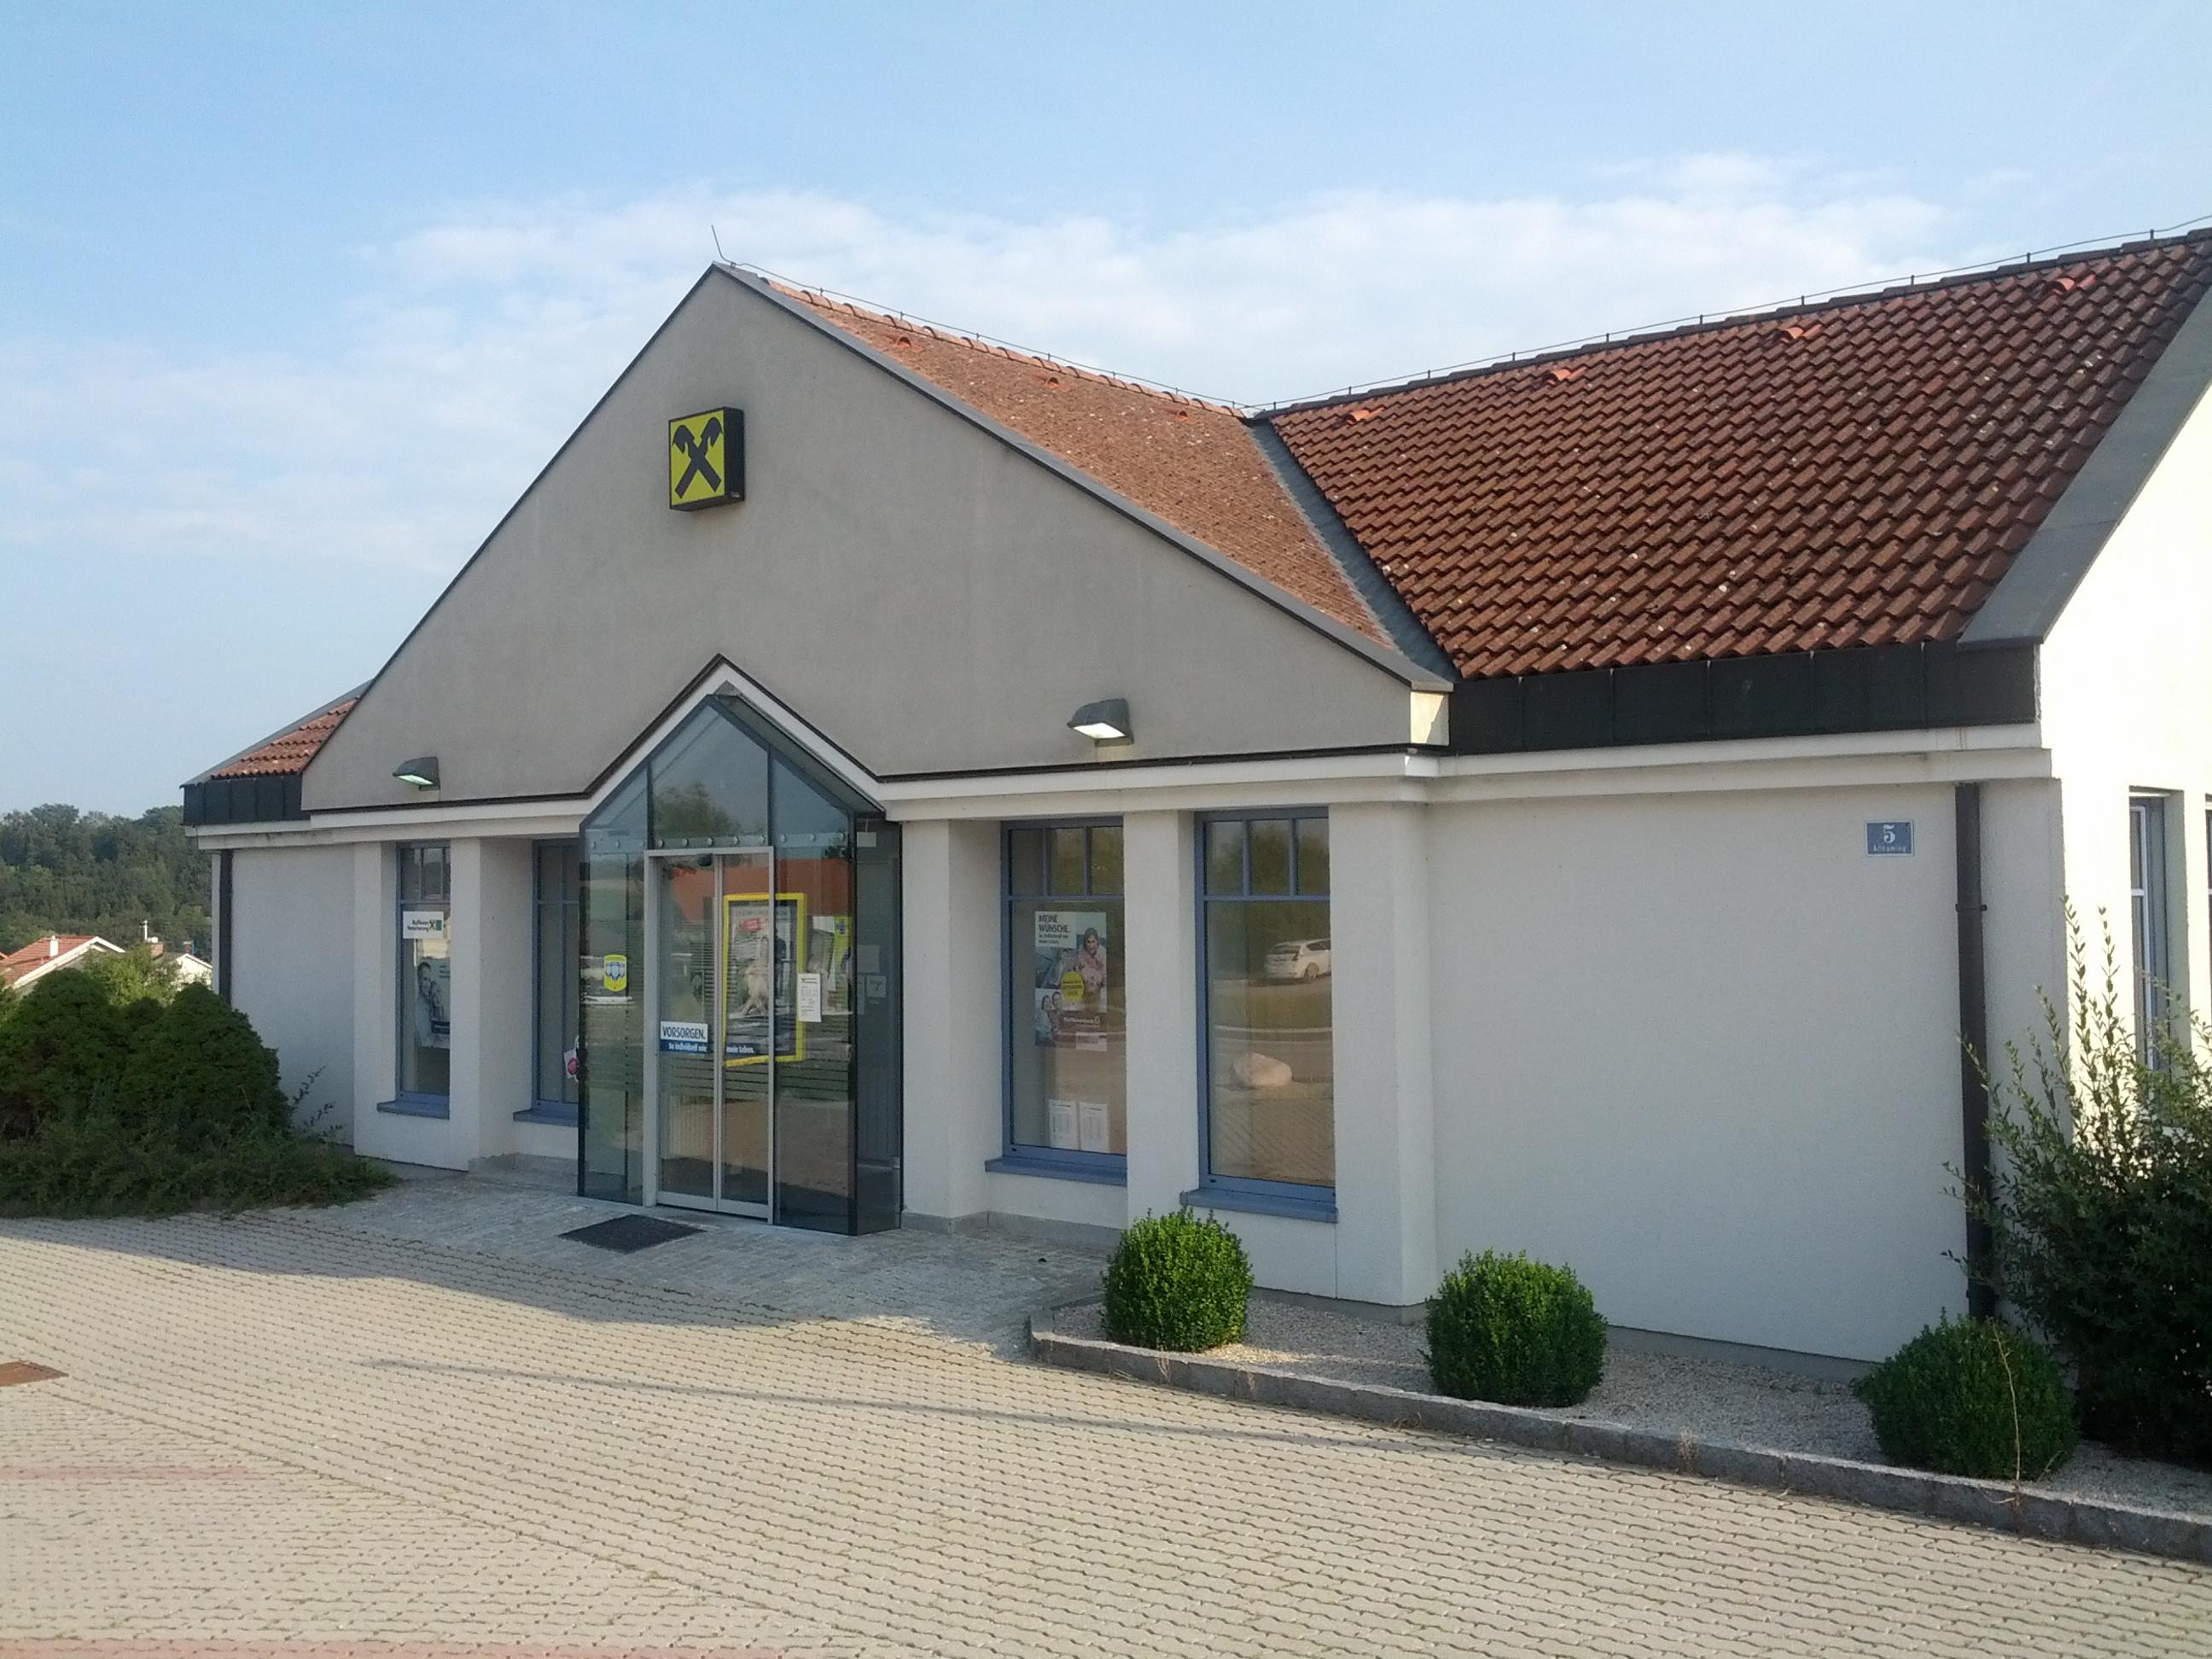 Raiffeisenbank Weißkirchen a. d. Traun reg. Gen. m. b. H. Zws. Allhaming